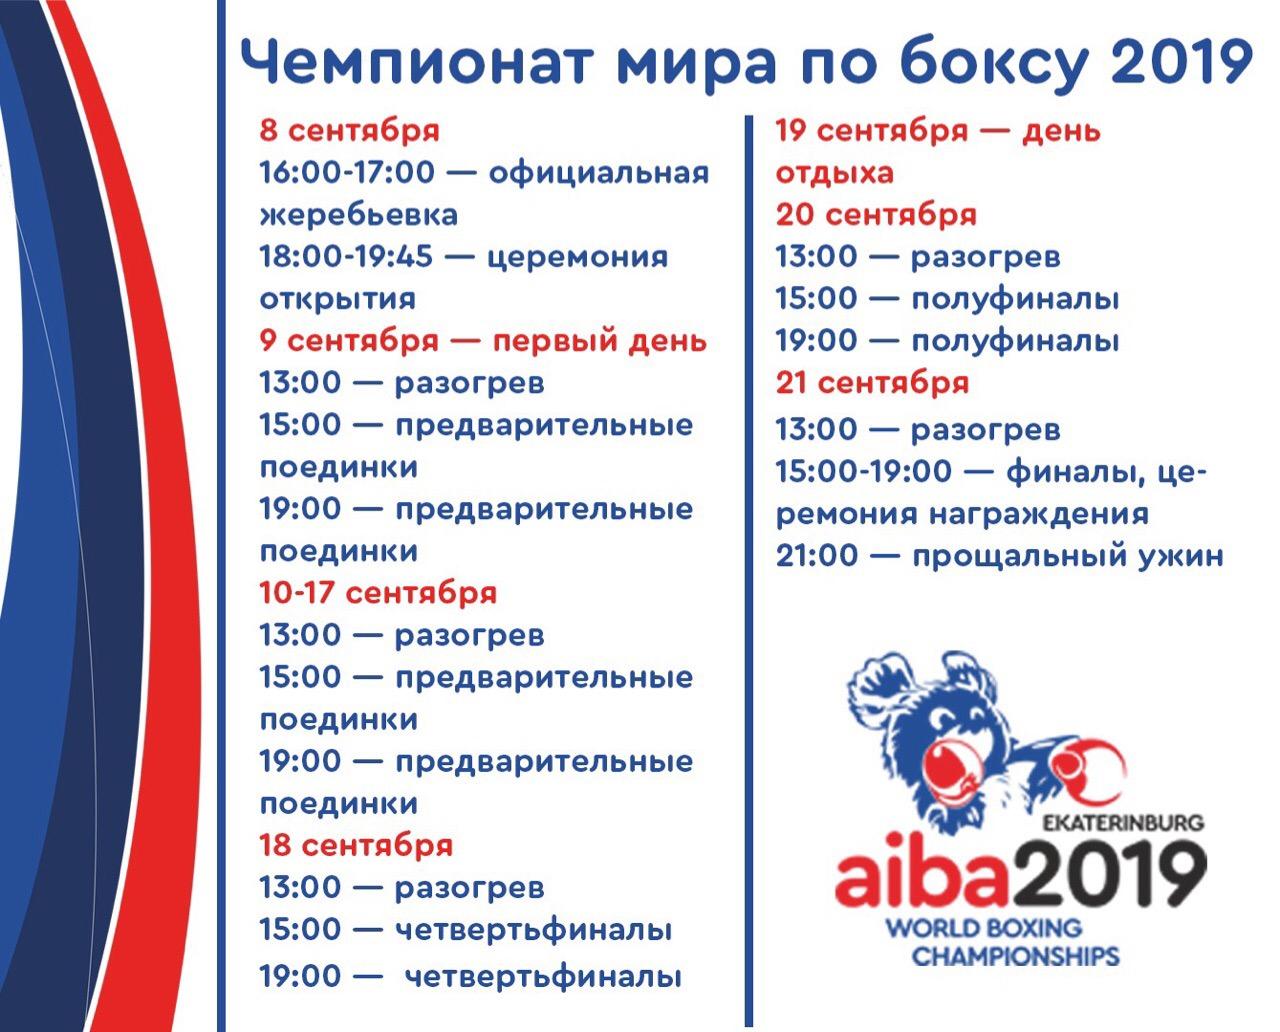 Чемпионат мира по боксу стартовал в Екатеринбурге: церемонию открытия вела Тина Канделаки